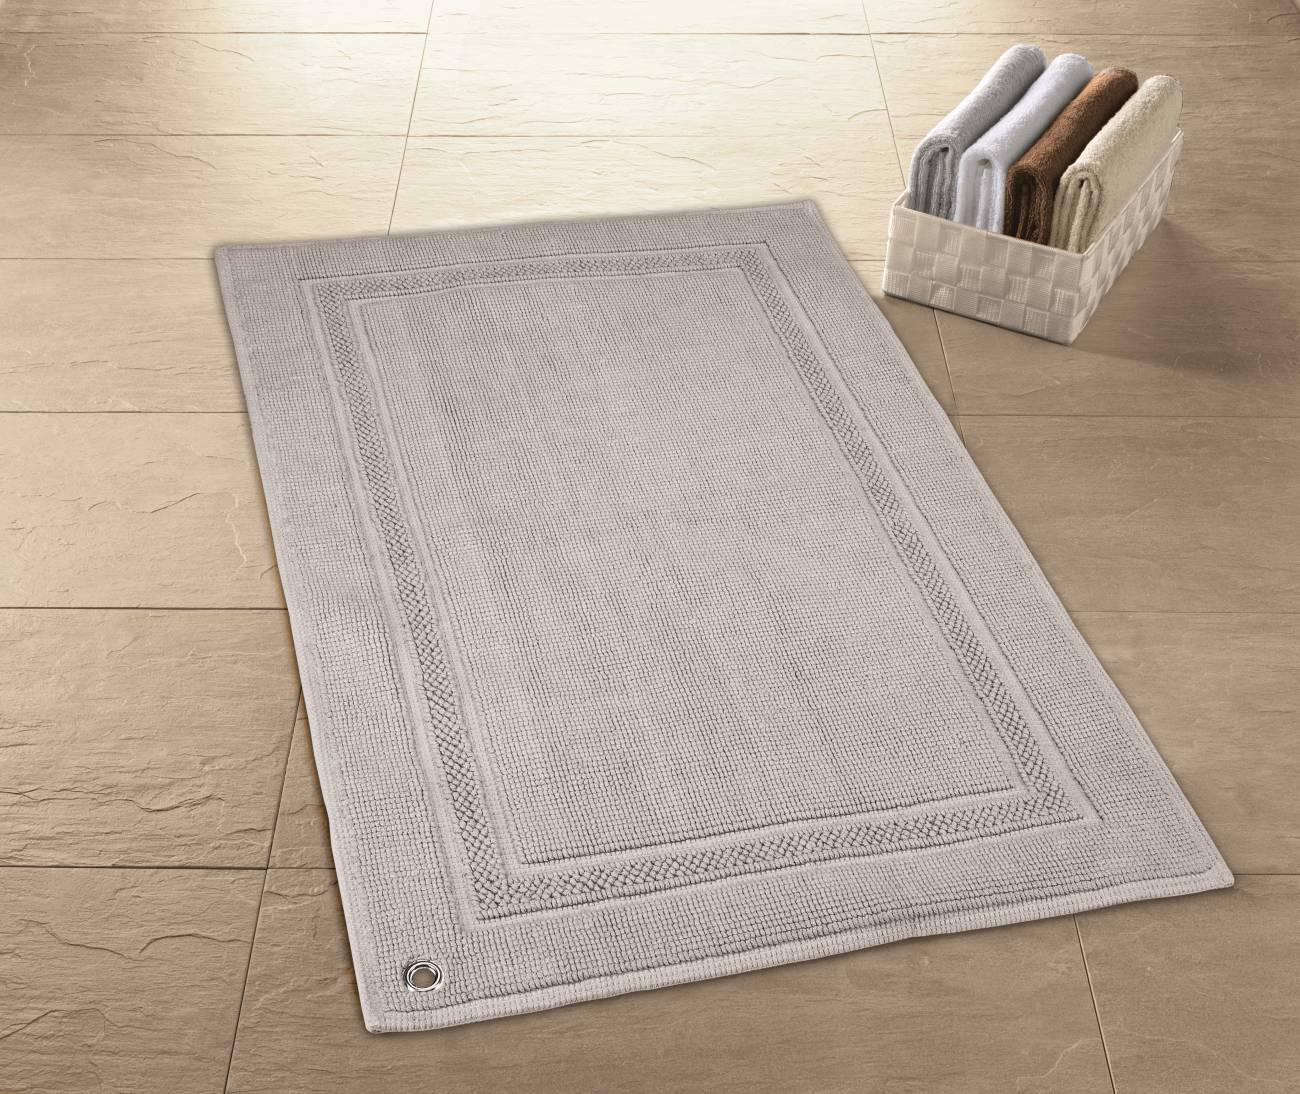 Badteppich Sara 100 % Baumwolle Silbergrau 50x 80 cm